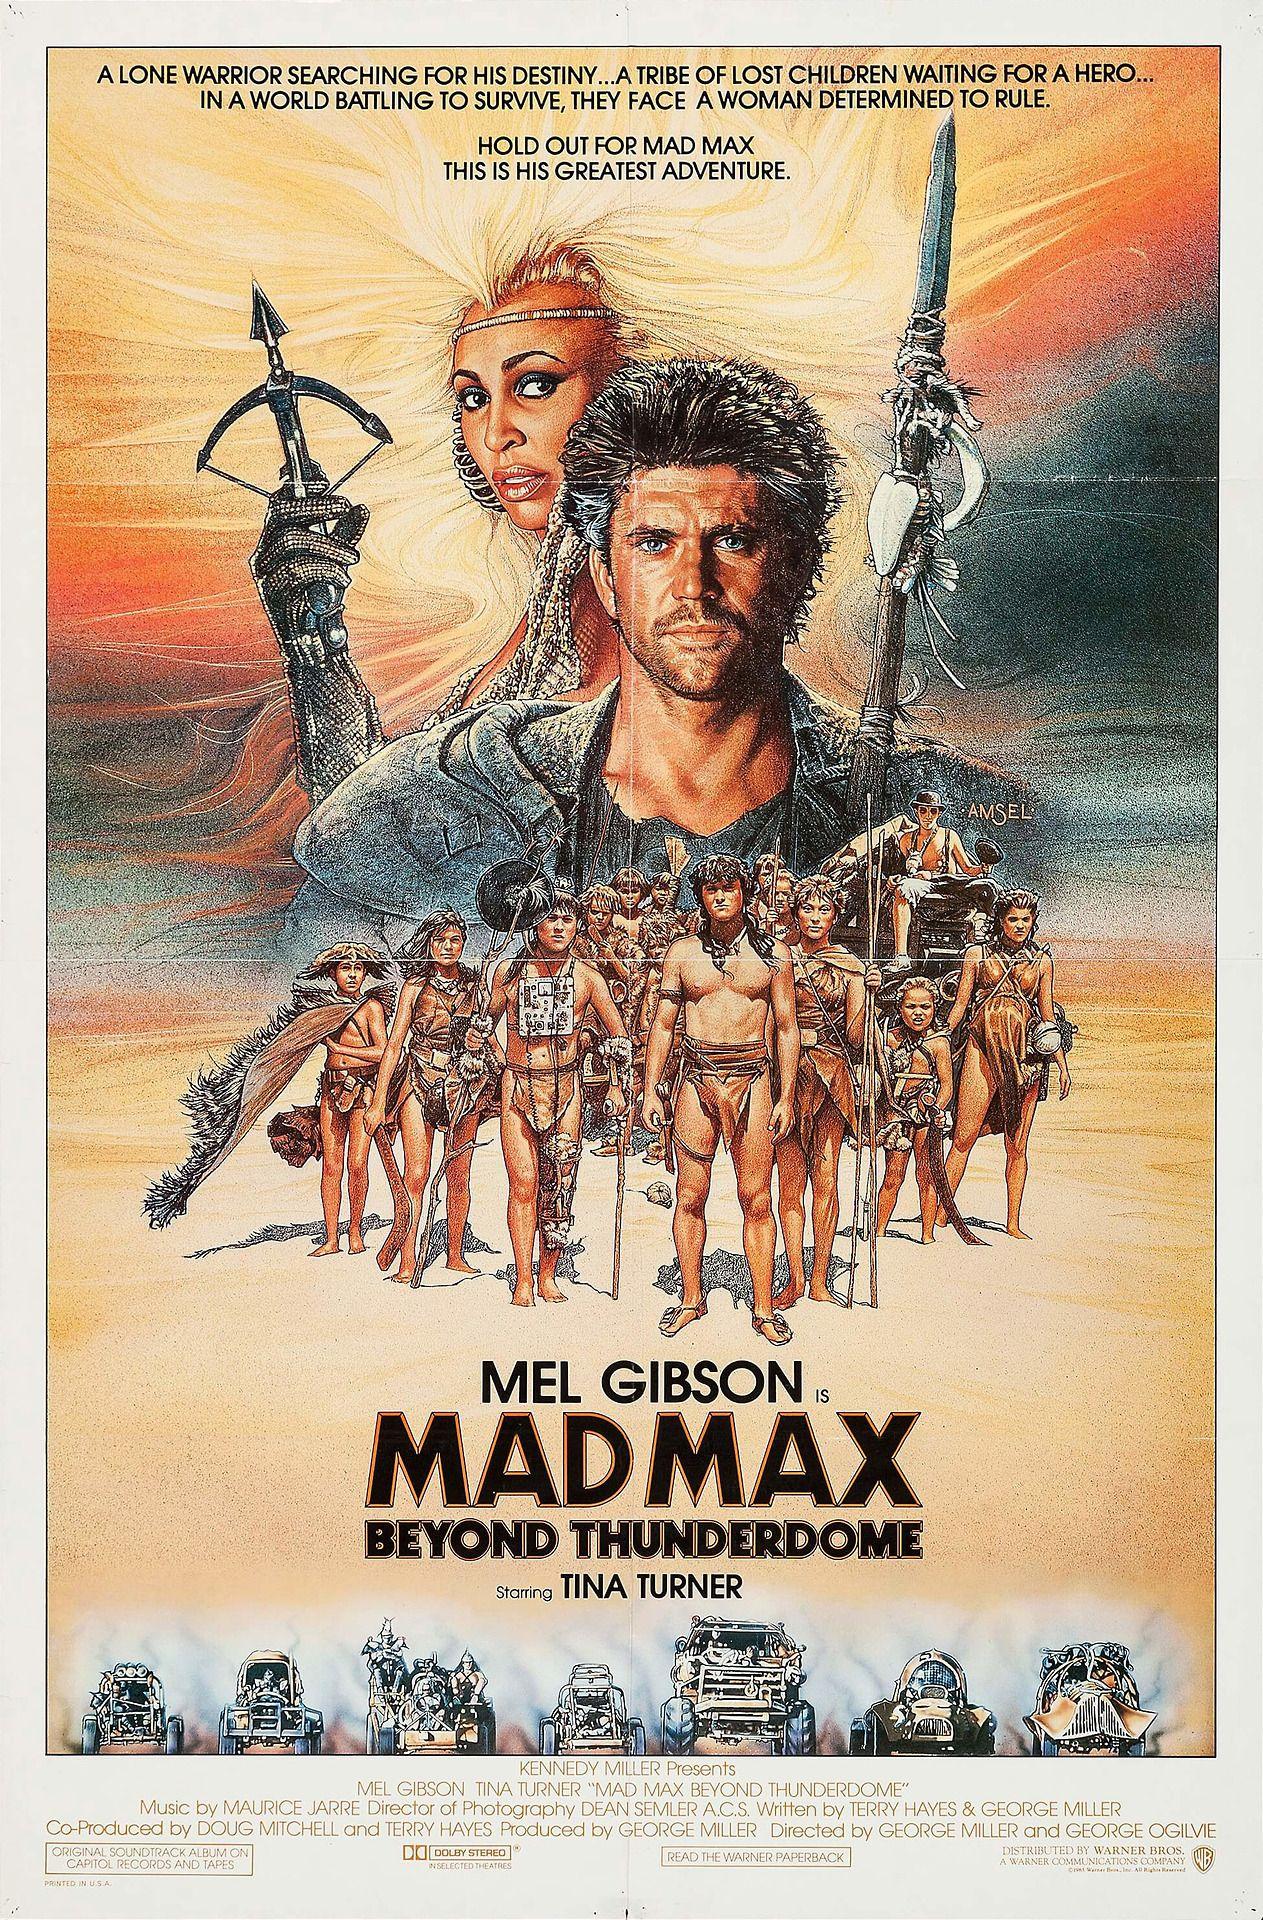 Pin De Digo Gavos Em Movie Posters For My Favorite Films Melhores Filmes Em Cartaz Filmes Vintage Cartazes De Filmes